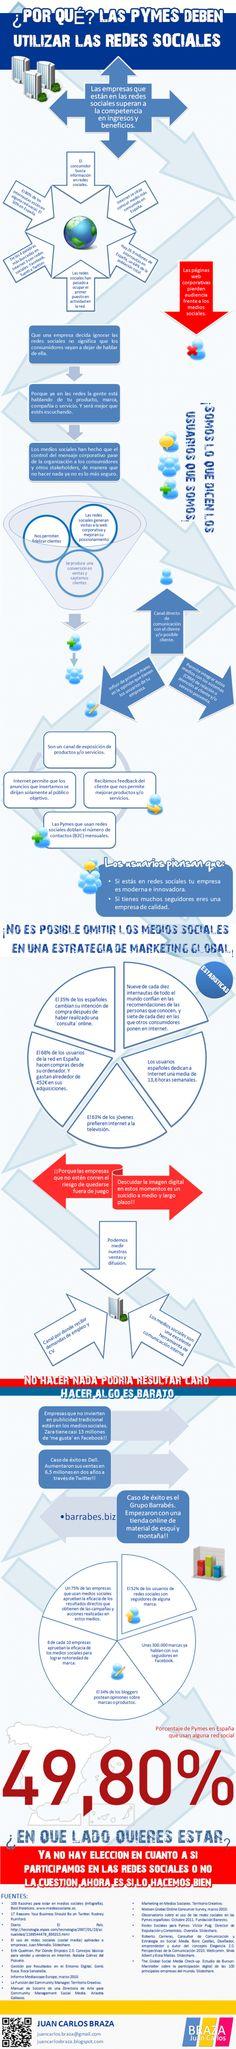 Una muy interesante infografía sobre el peso que tienen hoy en día las Redes Sociales en las Pymes. Via www.auronet.com.ar